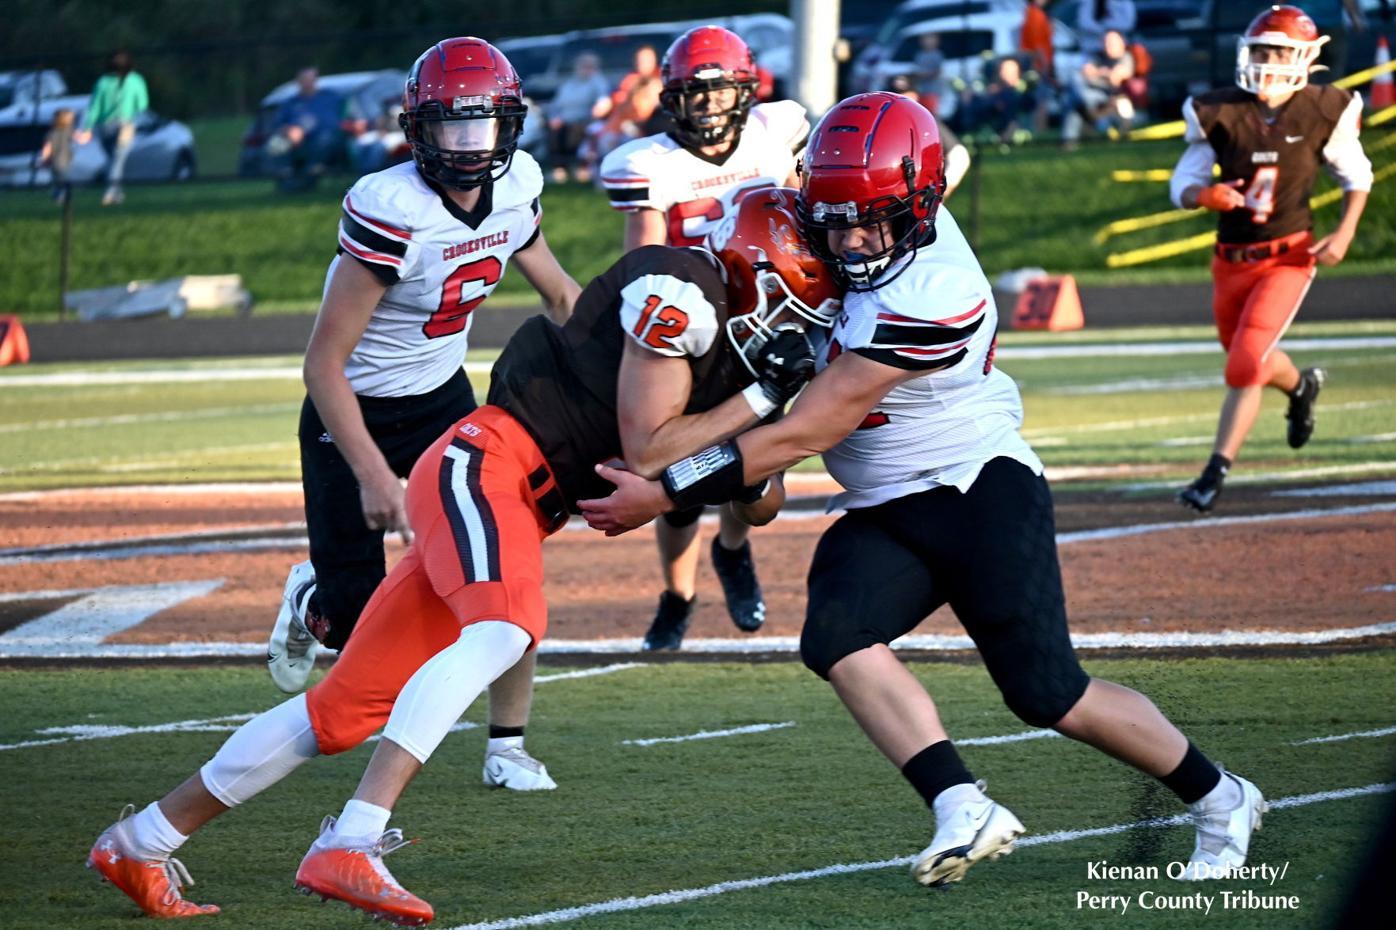 Football: Crooksville @ Meadowbrook 9/10/21